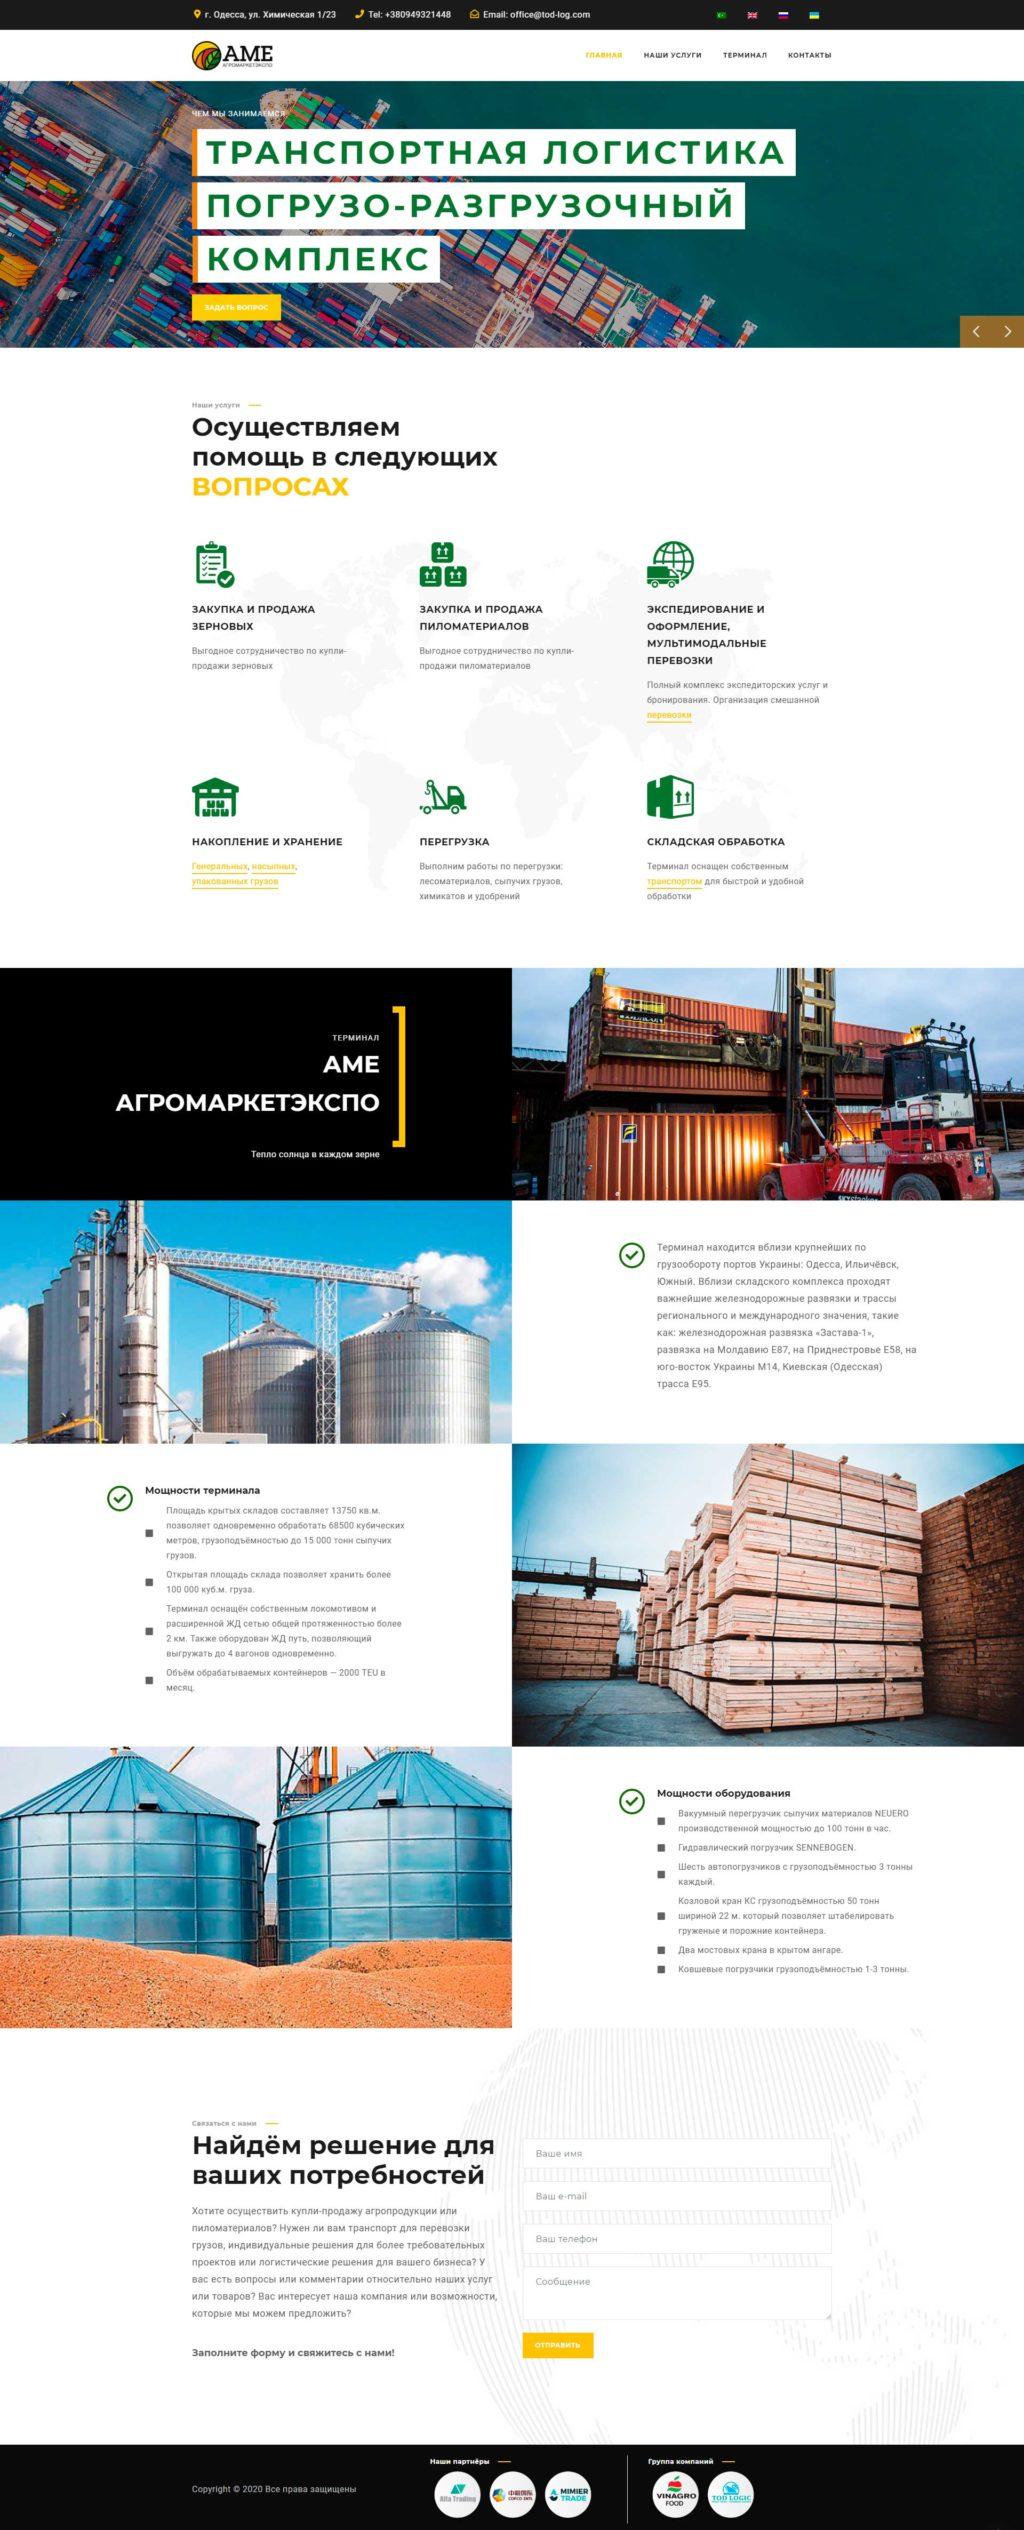 АME Агромаркетэкспо — Внешнеэкономическая торговля зерновыми и пиломатериалами, транспортно-экспедиторское обслуживание, погрузо-разгрузочный комплекс